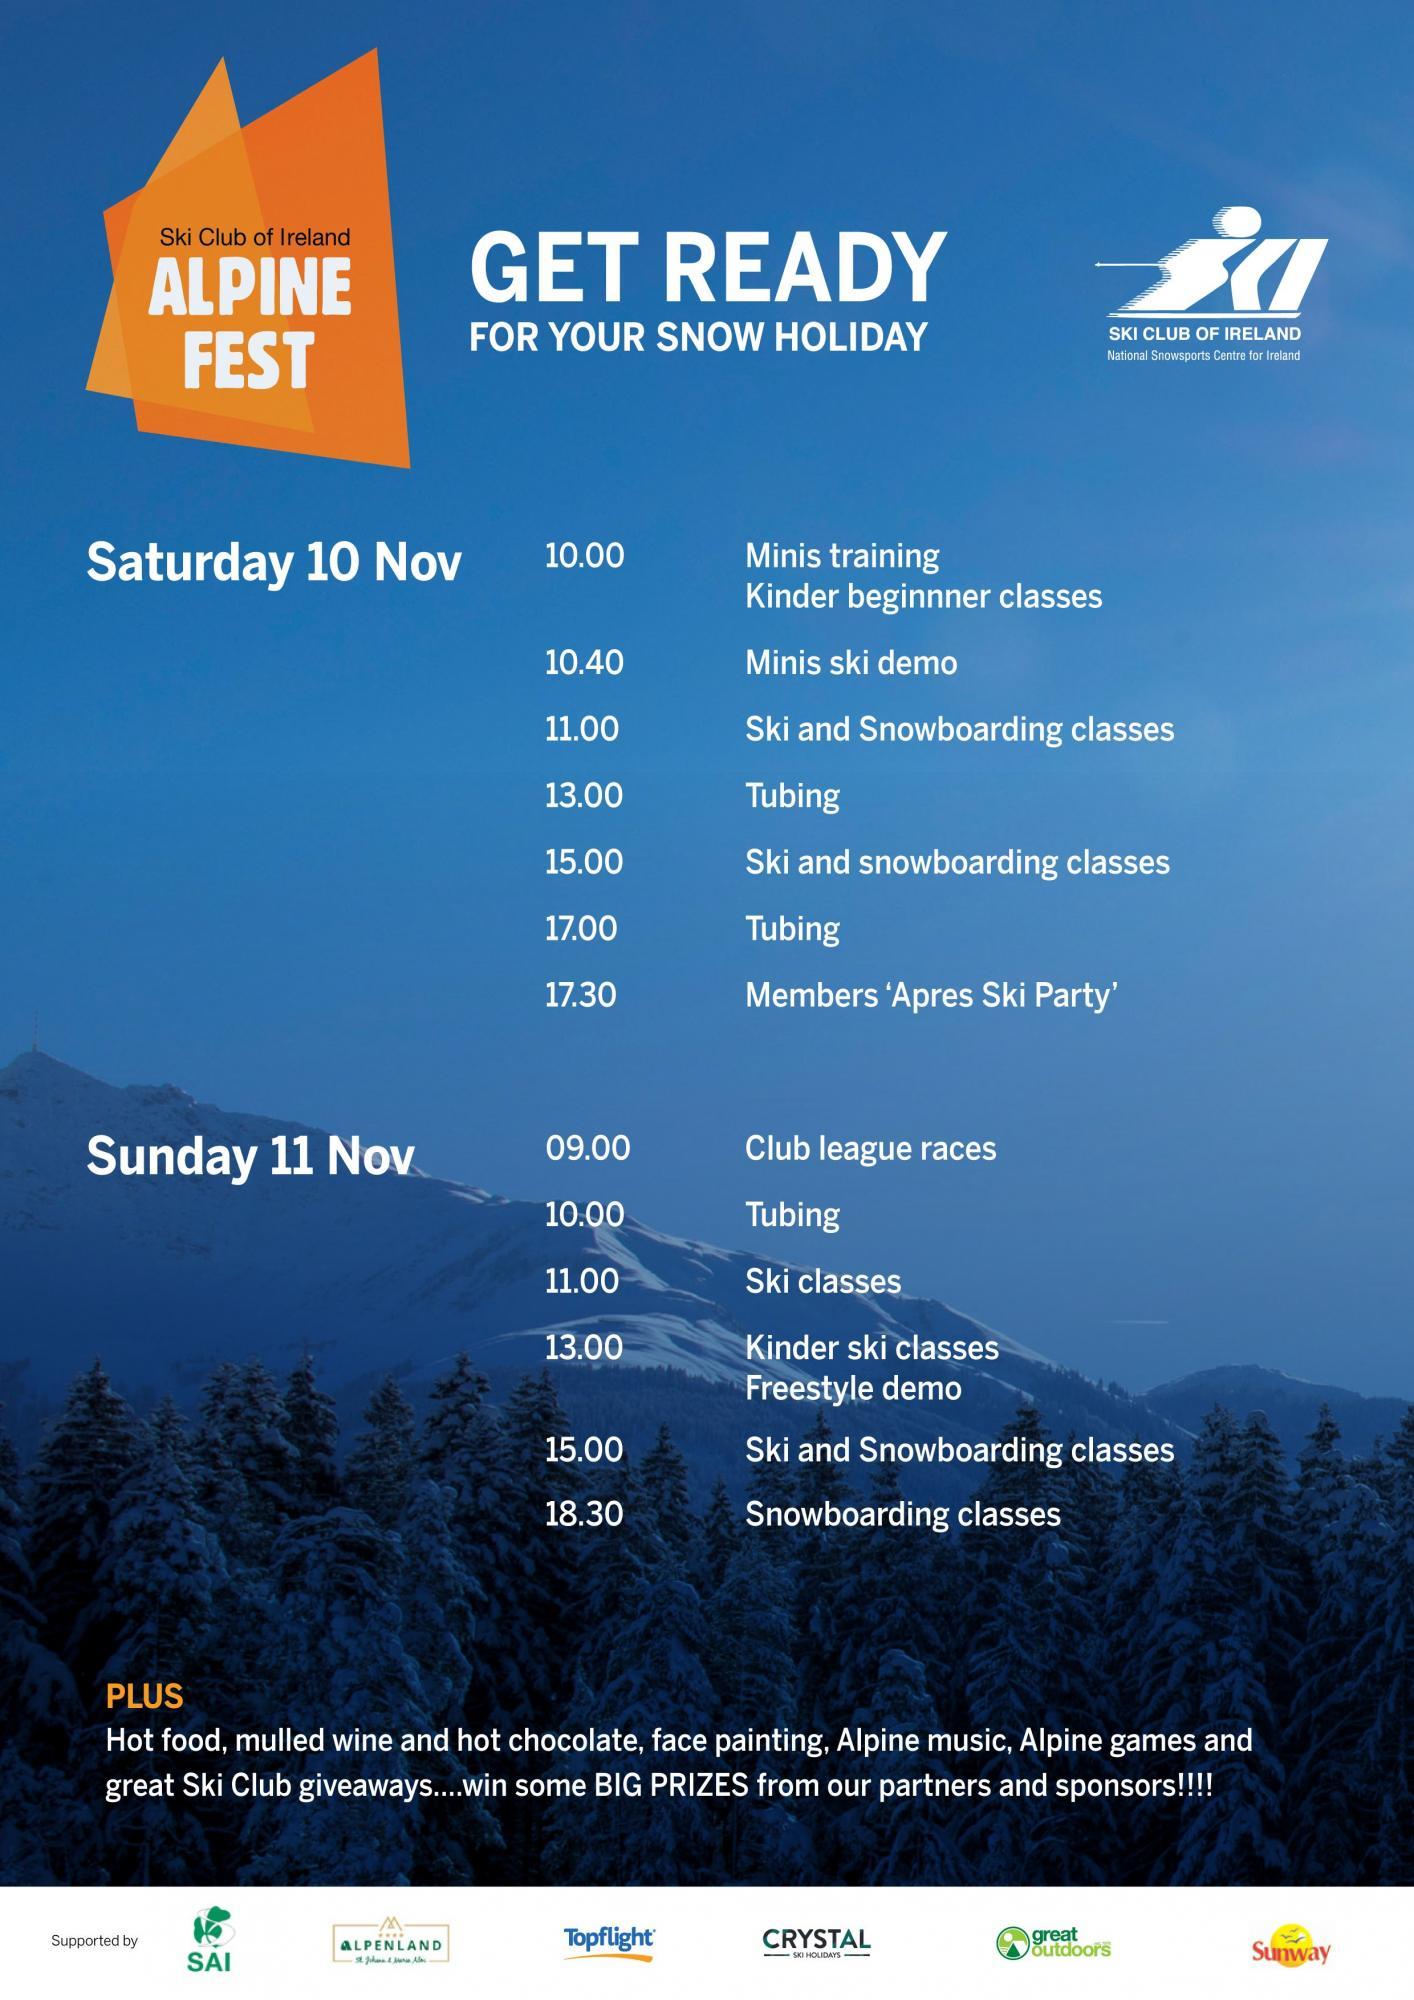 Schedule of activities at Alpine Fest